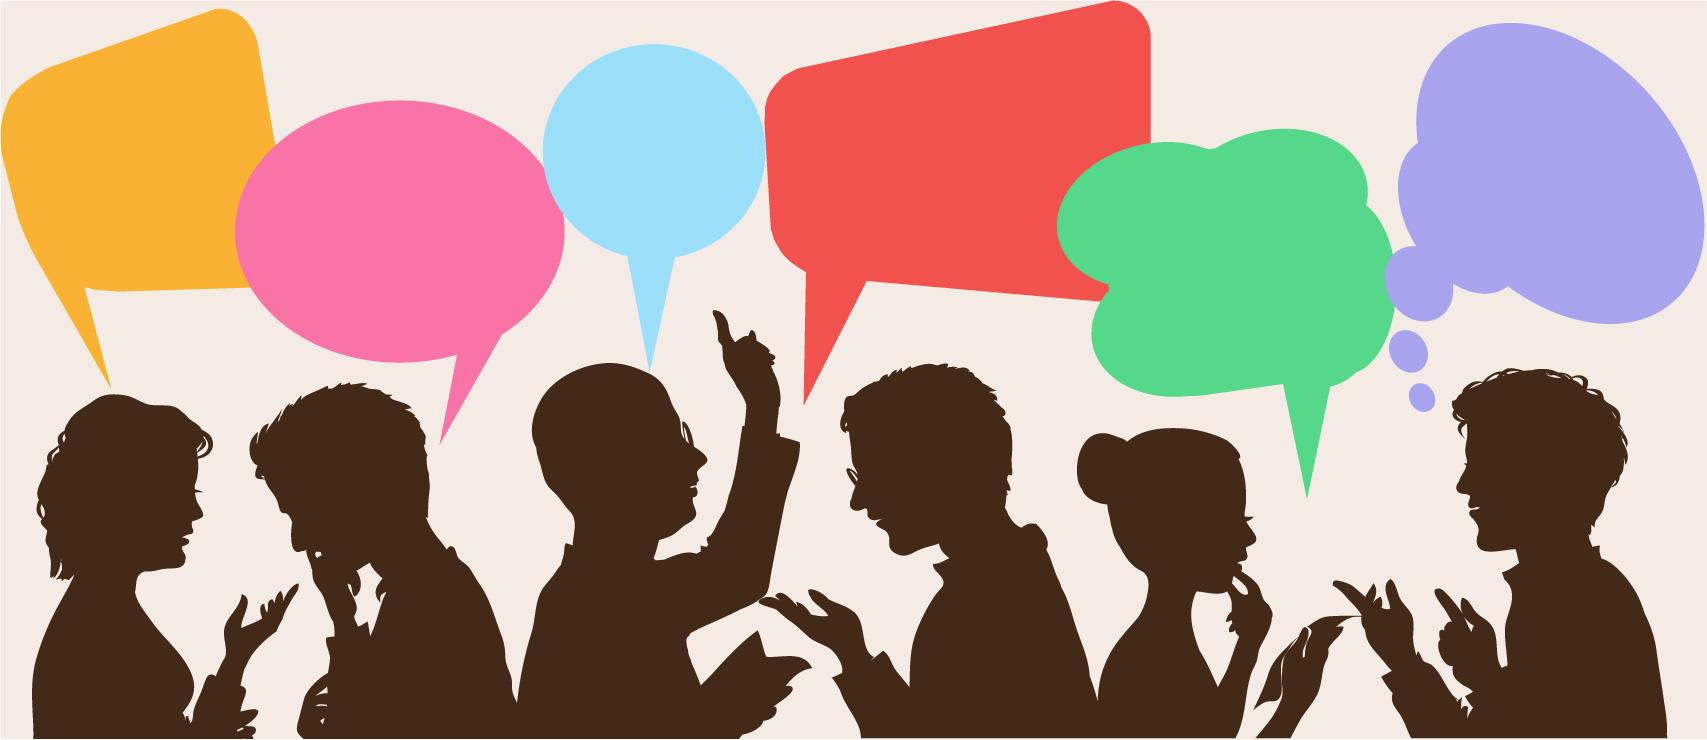 Beneficios de la buena comunicación.